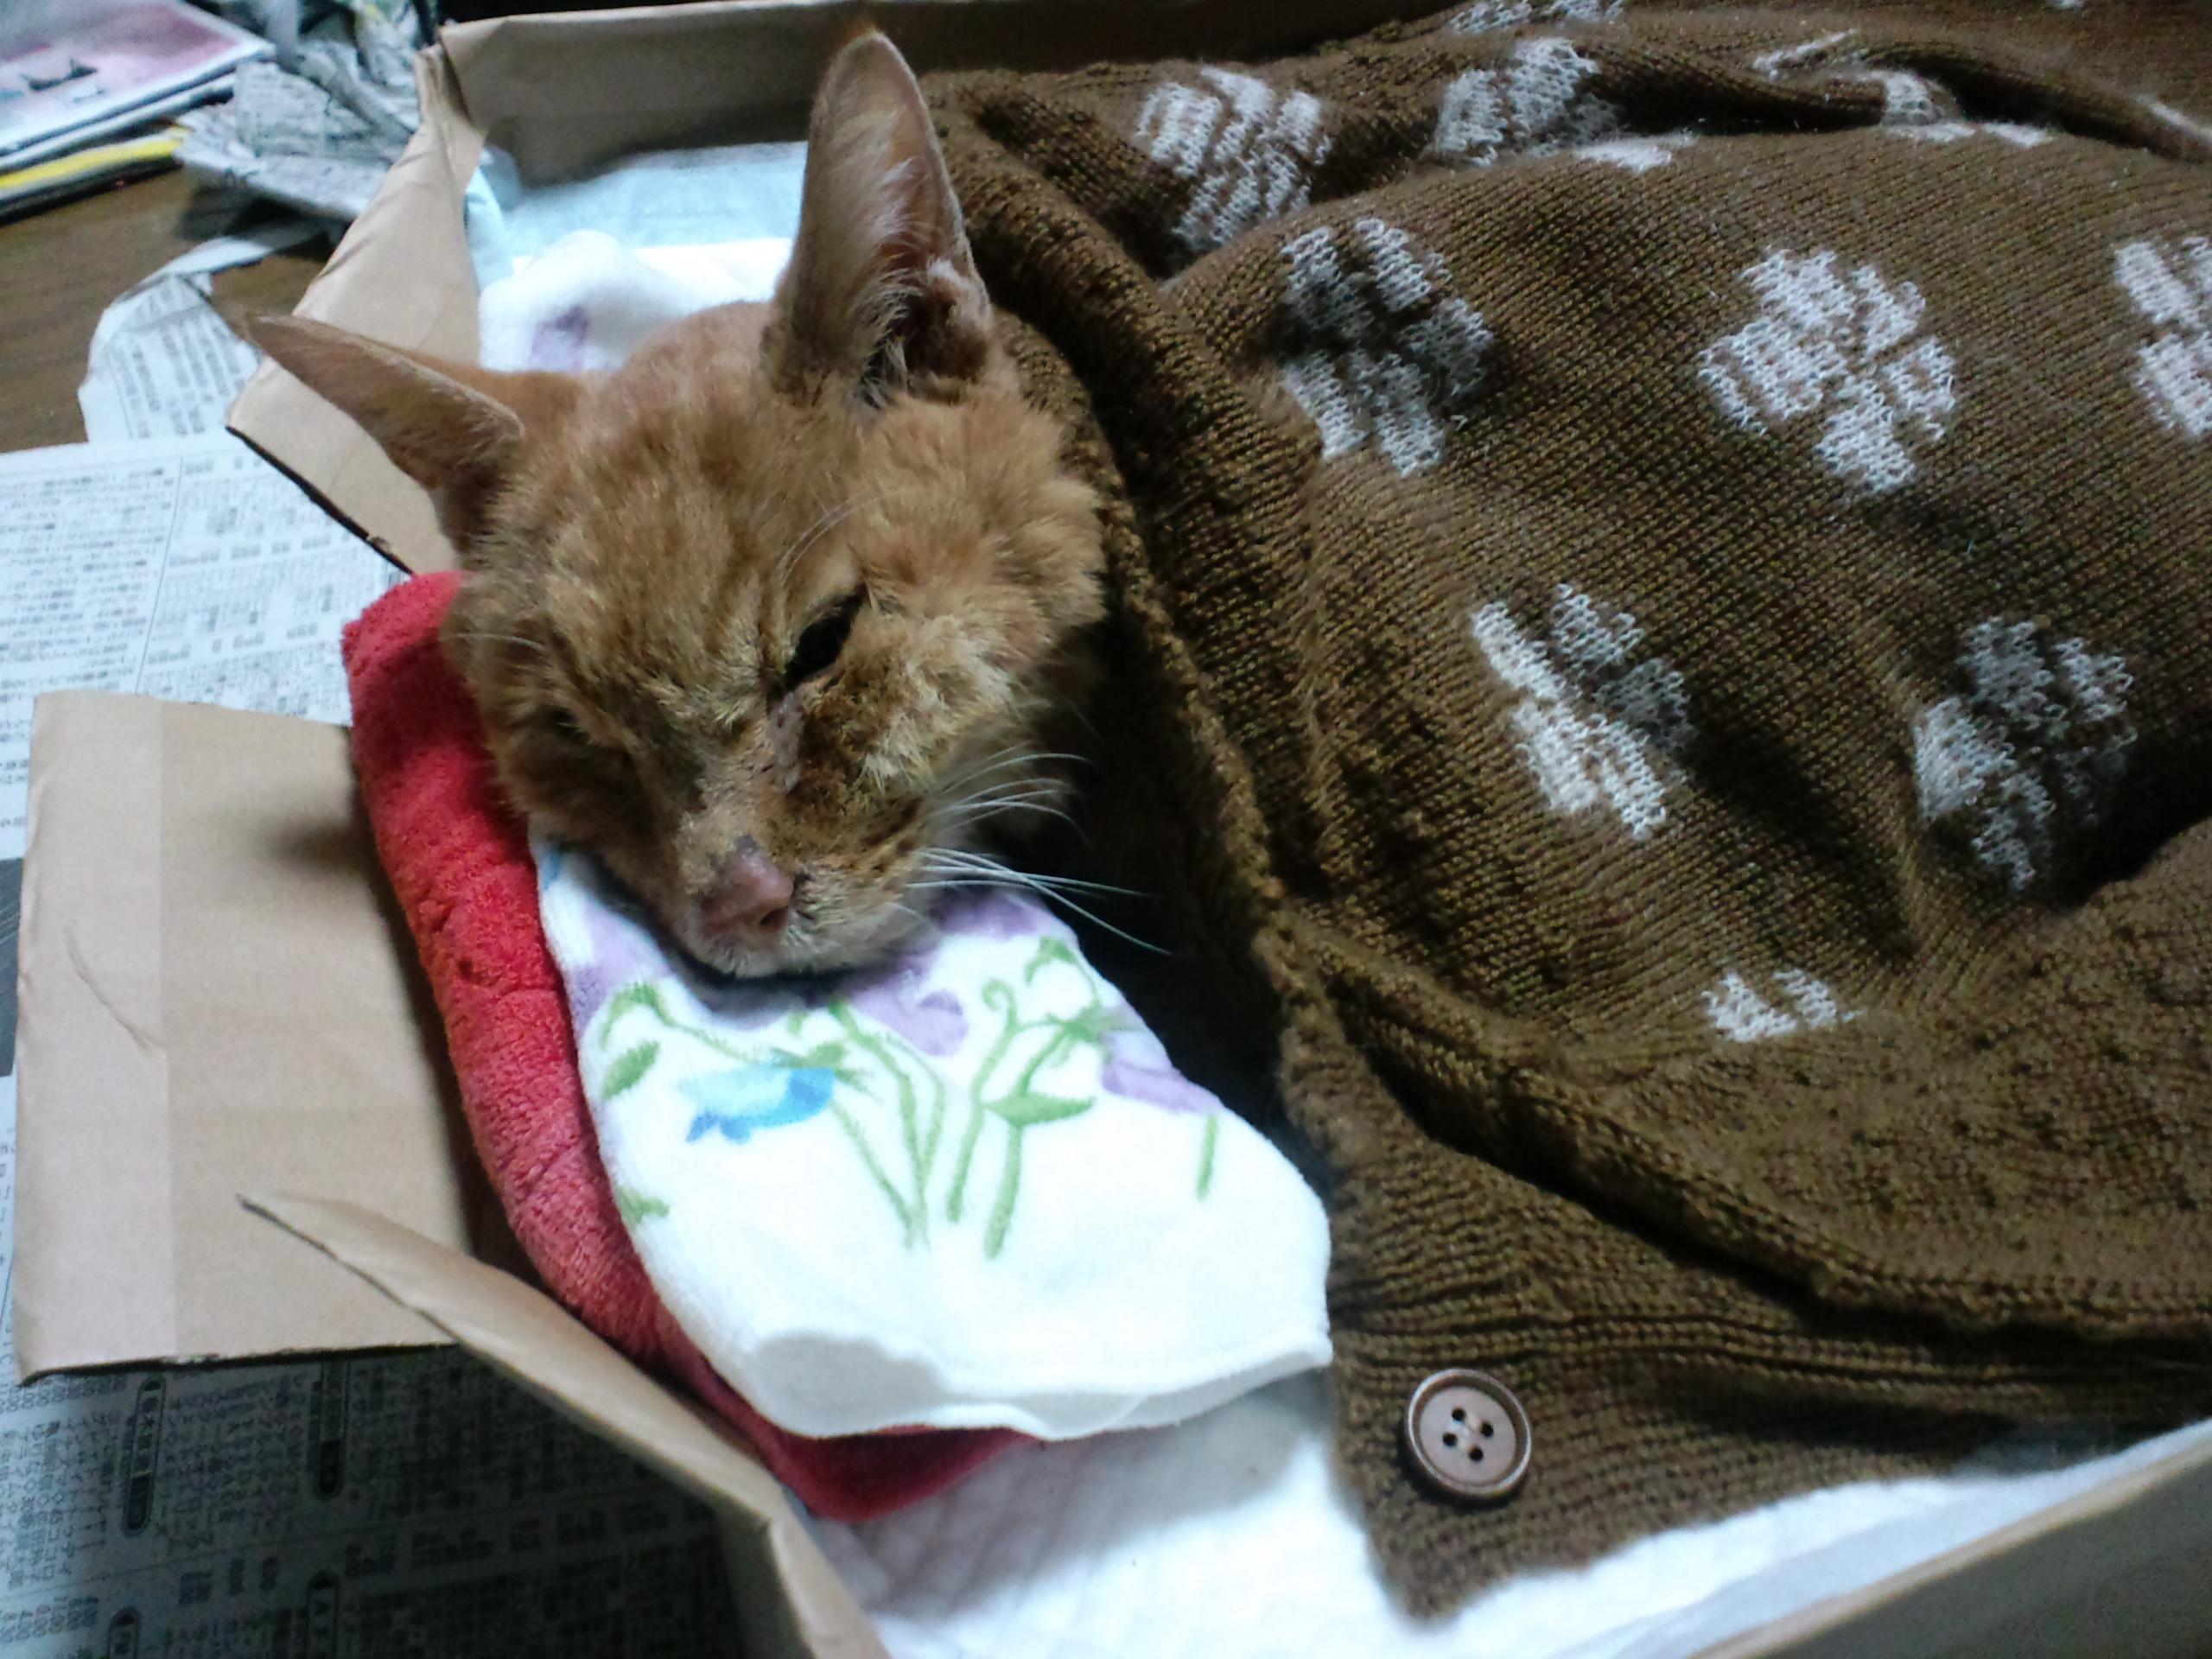 【茶トラ猫エレナの闘病記】緩やかな体調低下から突然の激しい全身の痙攣、そして、最後の時へ…